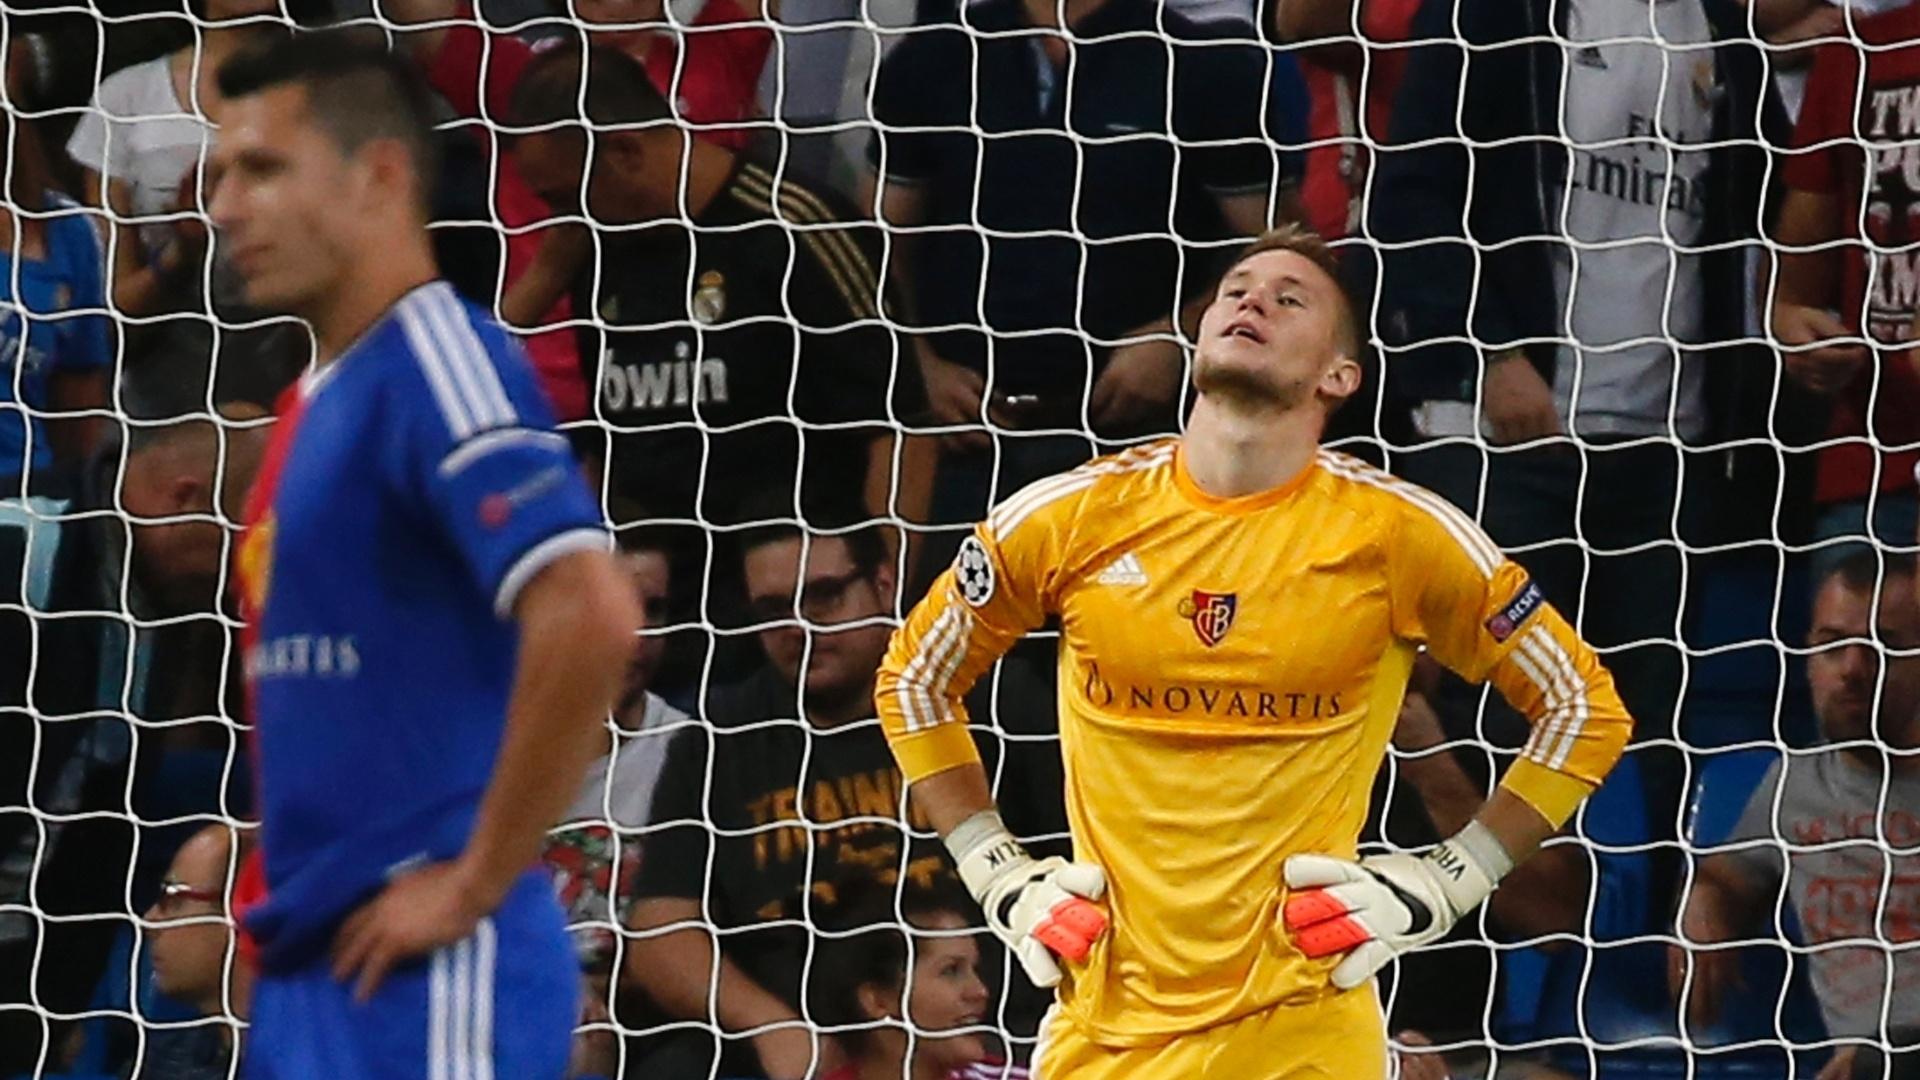 Tomas Vaclik, do Basel, lamenta os quatro gols sofridos diante do Real Madrid no primeiro tempo